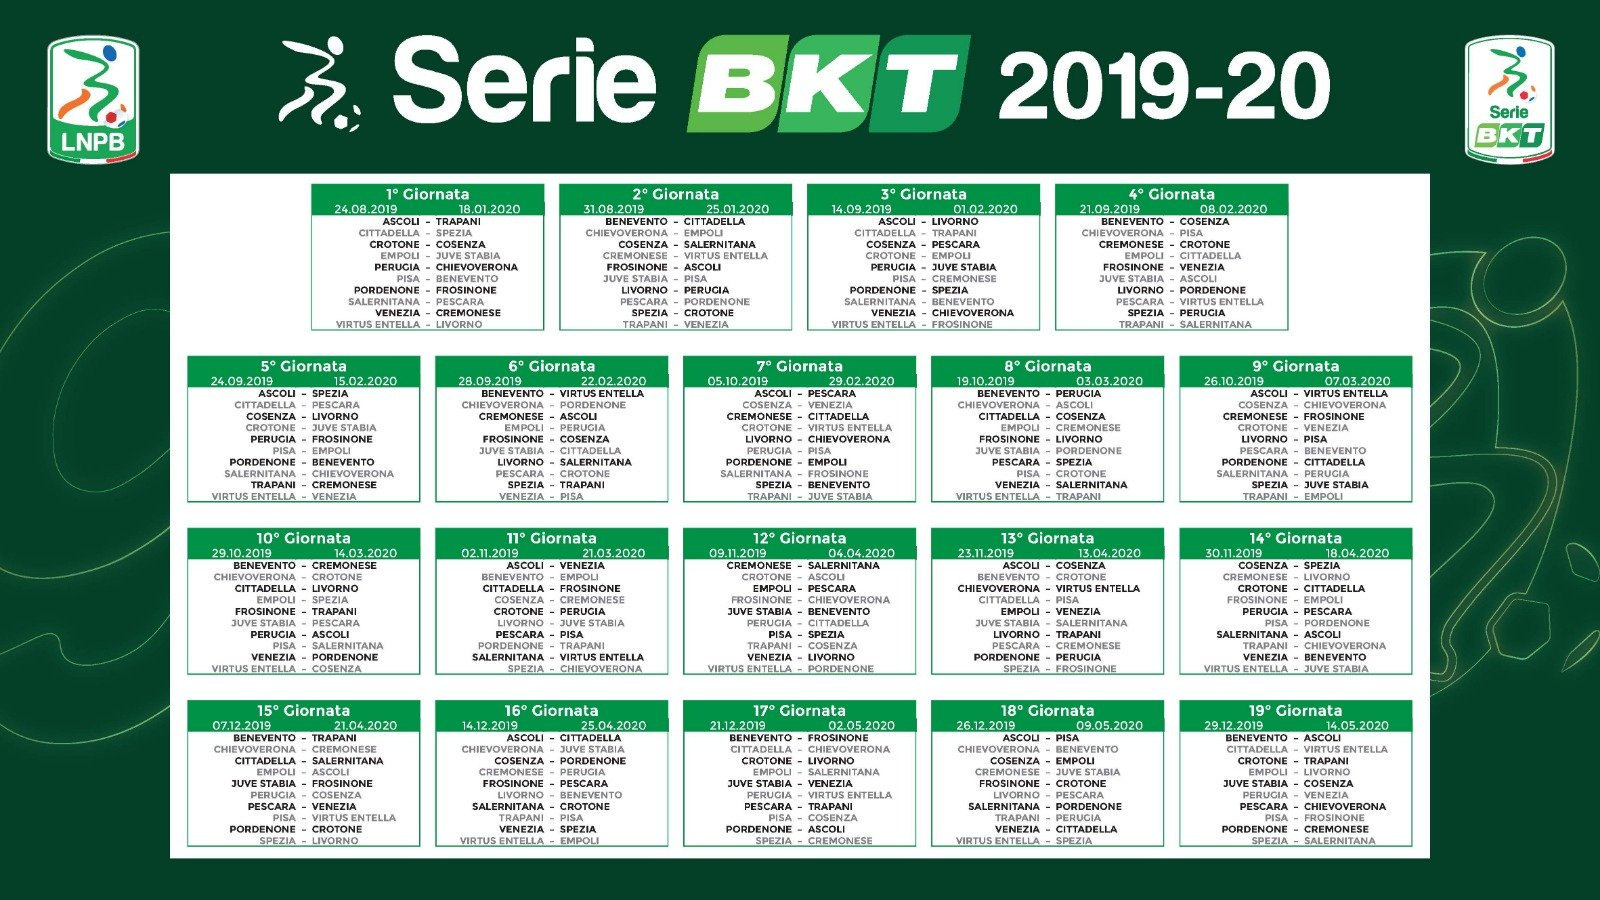 Calendario Iuve.Ss Juve Stabia Calendario Serie Bkt 2019 20 Ss Juve Stabia